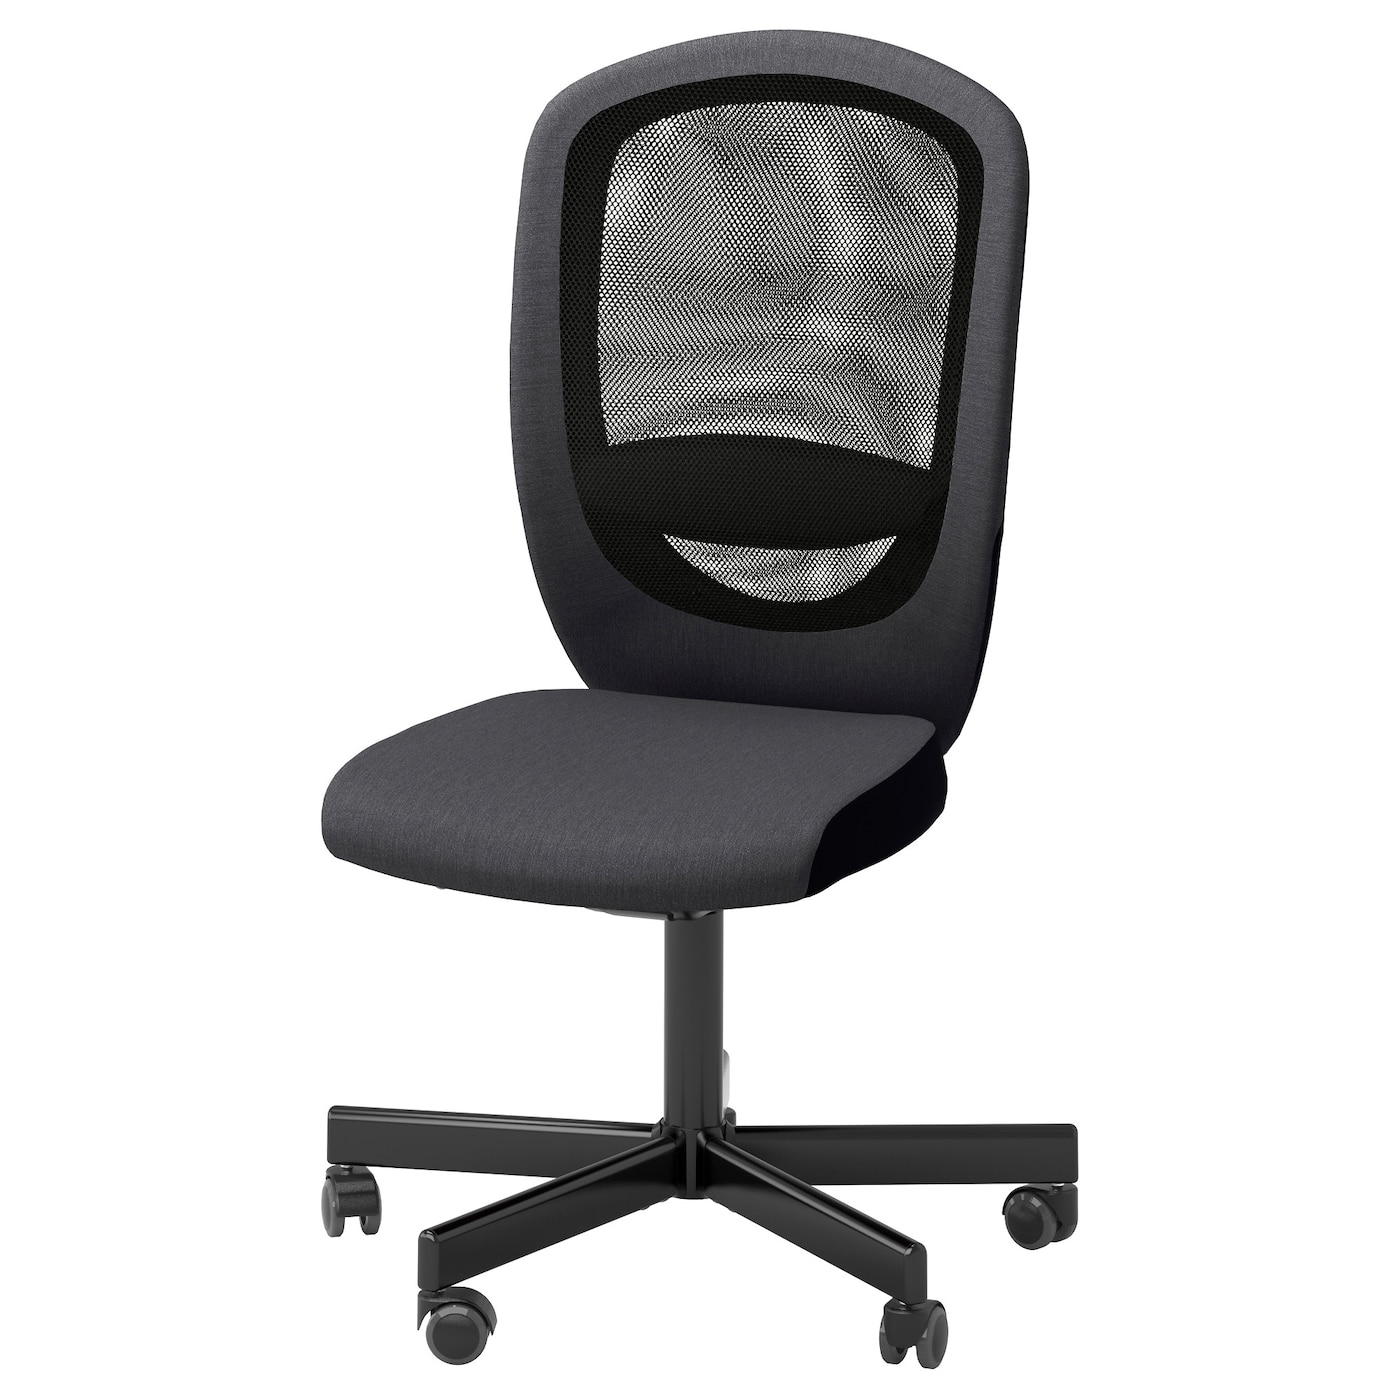 Chaise De Bureau Fauteuil De Bureau Confortable Design Ikea